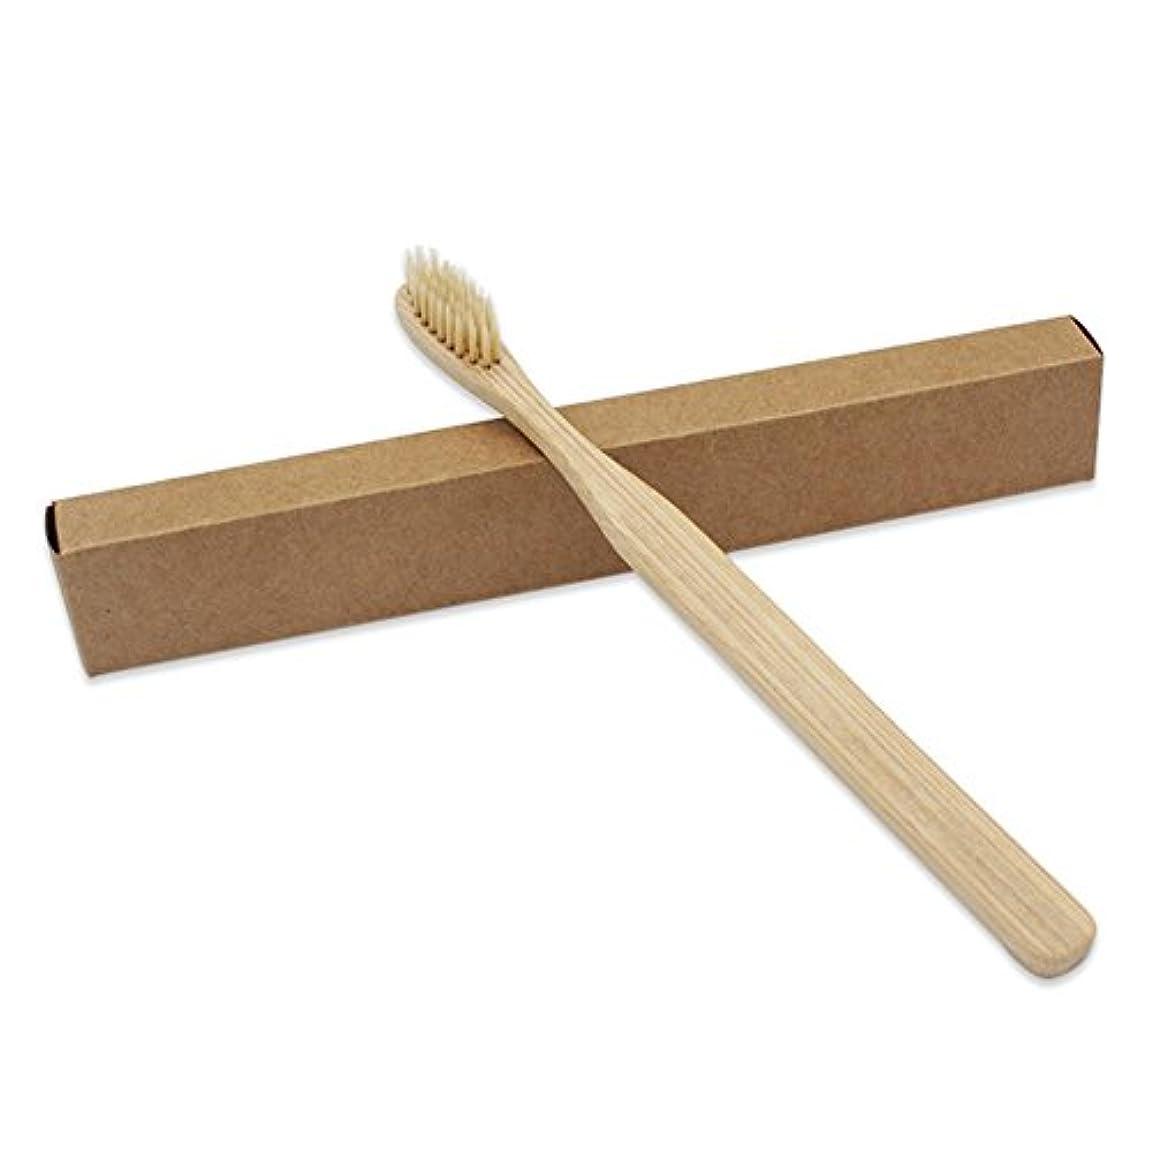 更新するトラブル迷路powlancejp 竹炭の歯ブラシ 竹の歯ブラシ 分解性 環境保護の歯ブラシ 天然の柔らかいブラシ